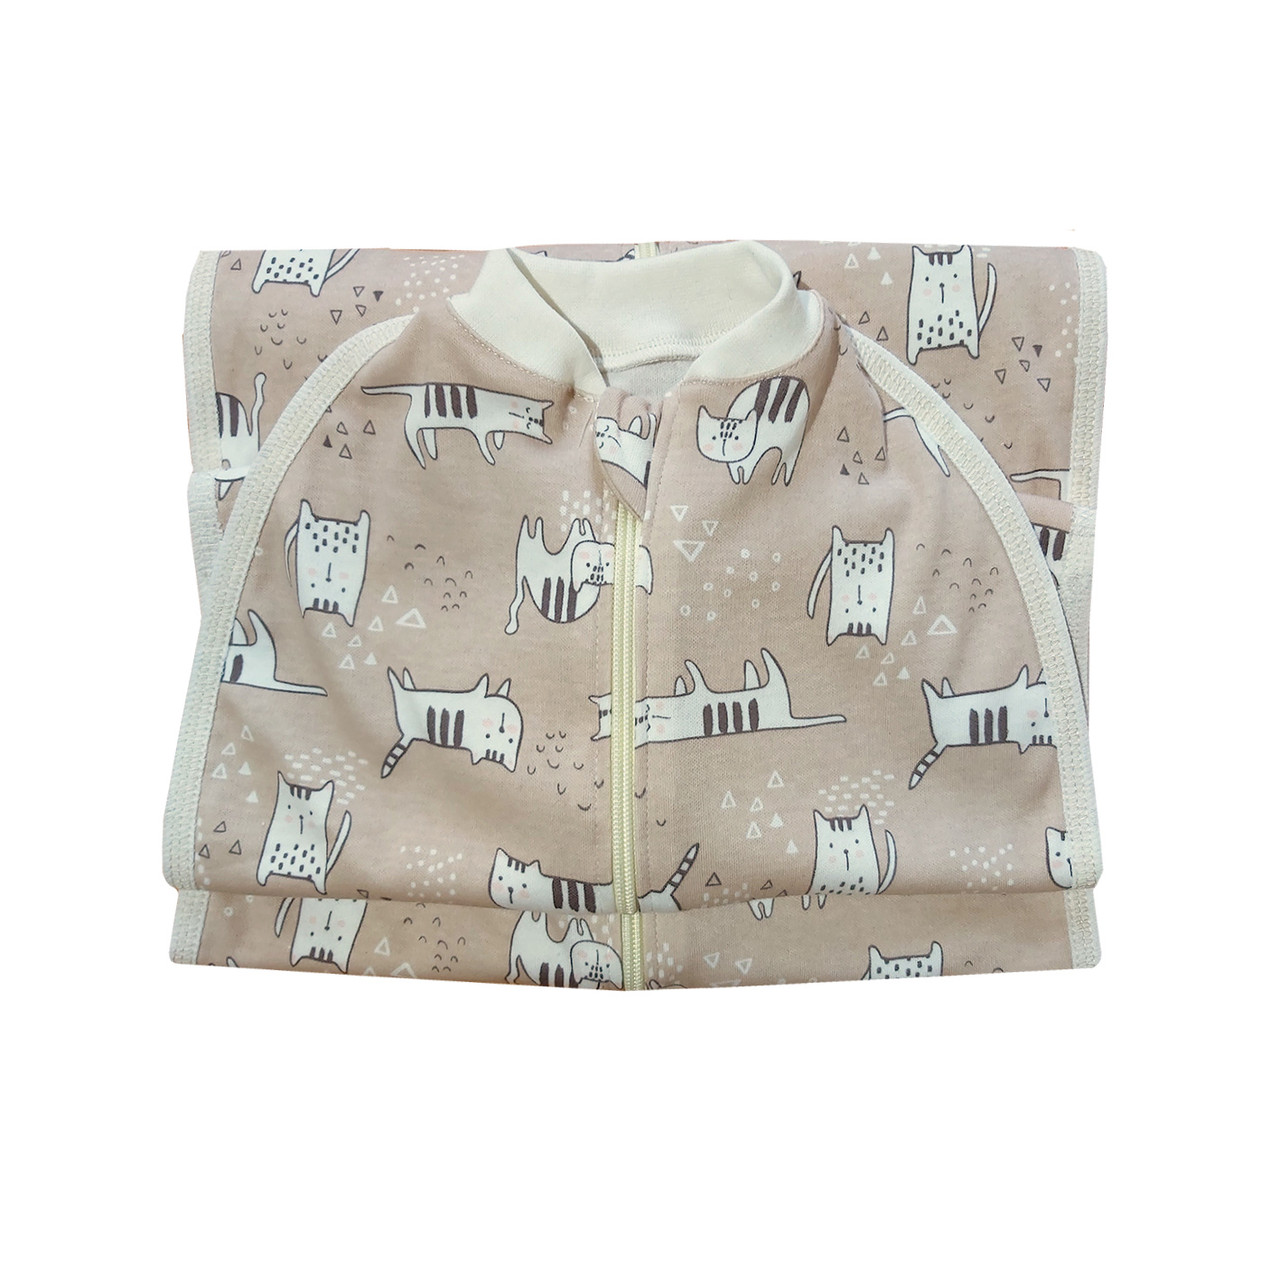 Безразмерная пеленка кокон на молнии интерлок коты 0-24 мес